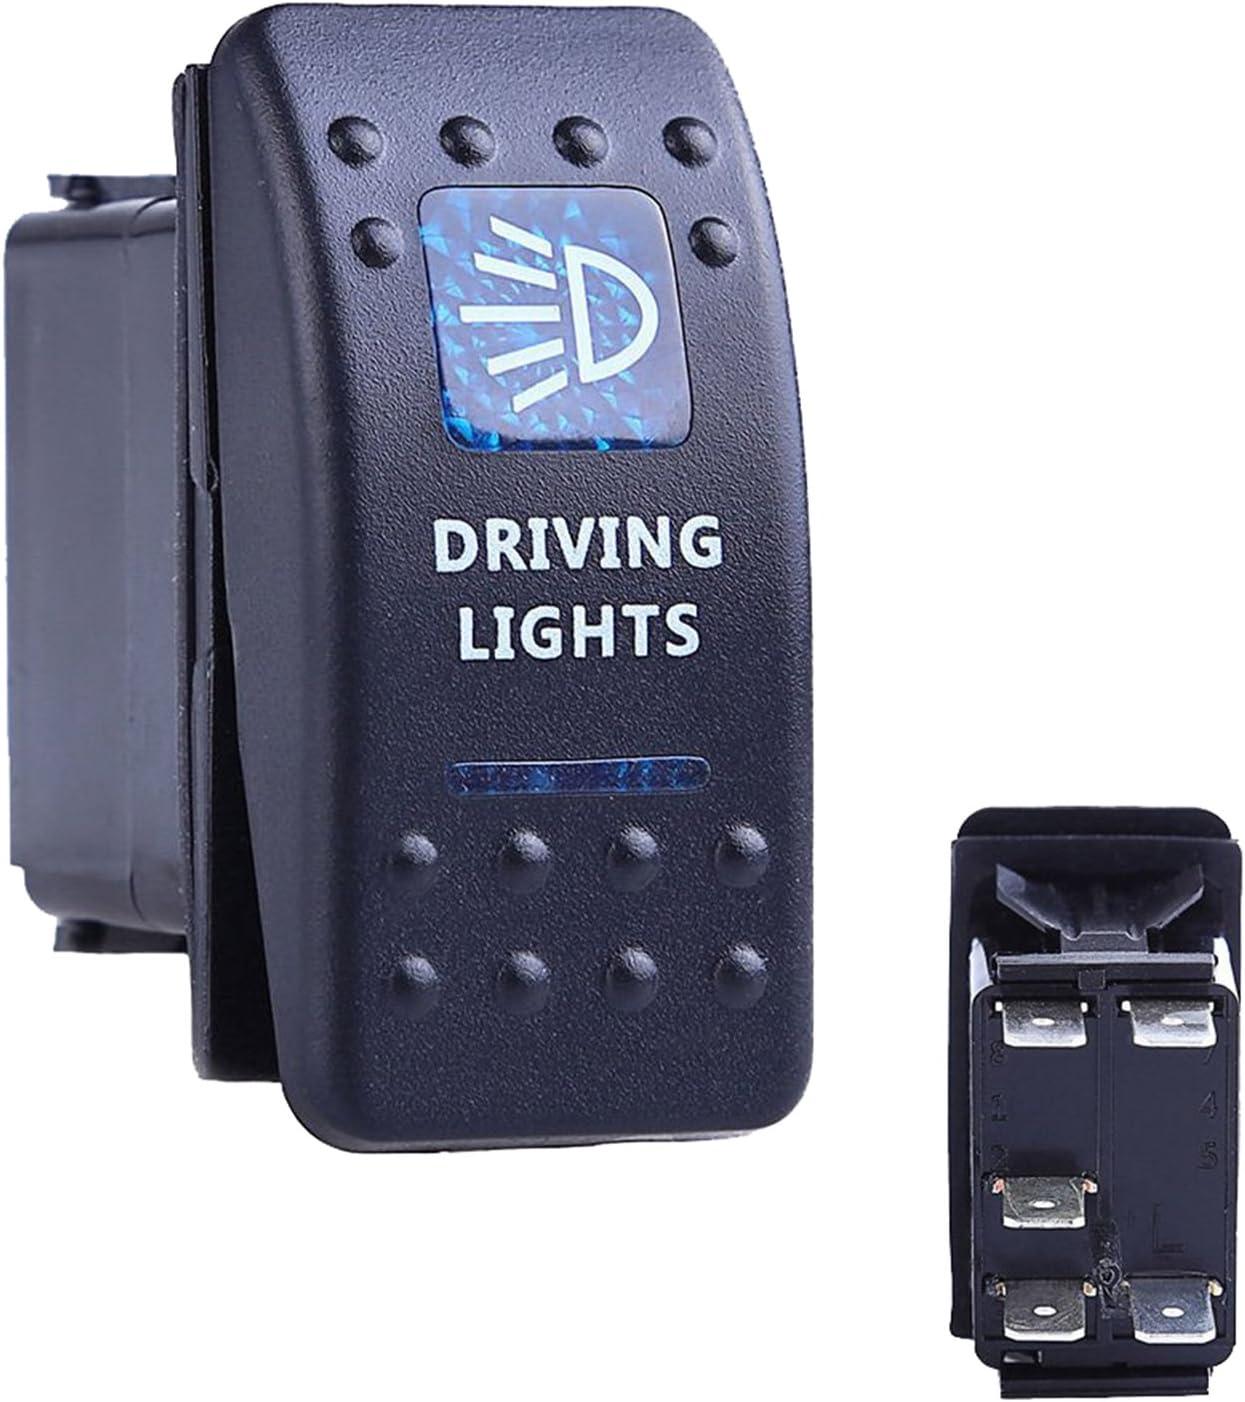 Oshide Auto Kfz Boot Blaue Led Beleuchtet Licht Wippschalter Ein Aus Schalter 12 24v Wasserdicht Driving Light Auto